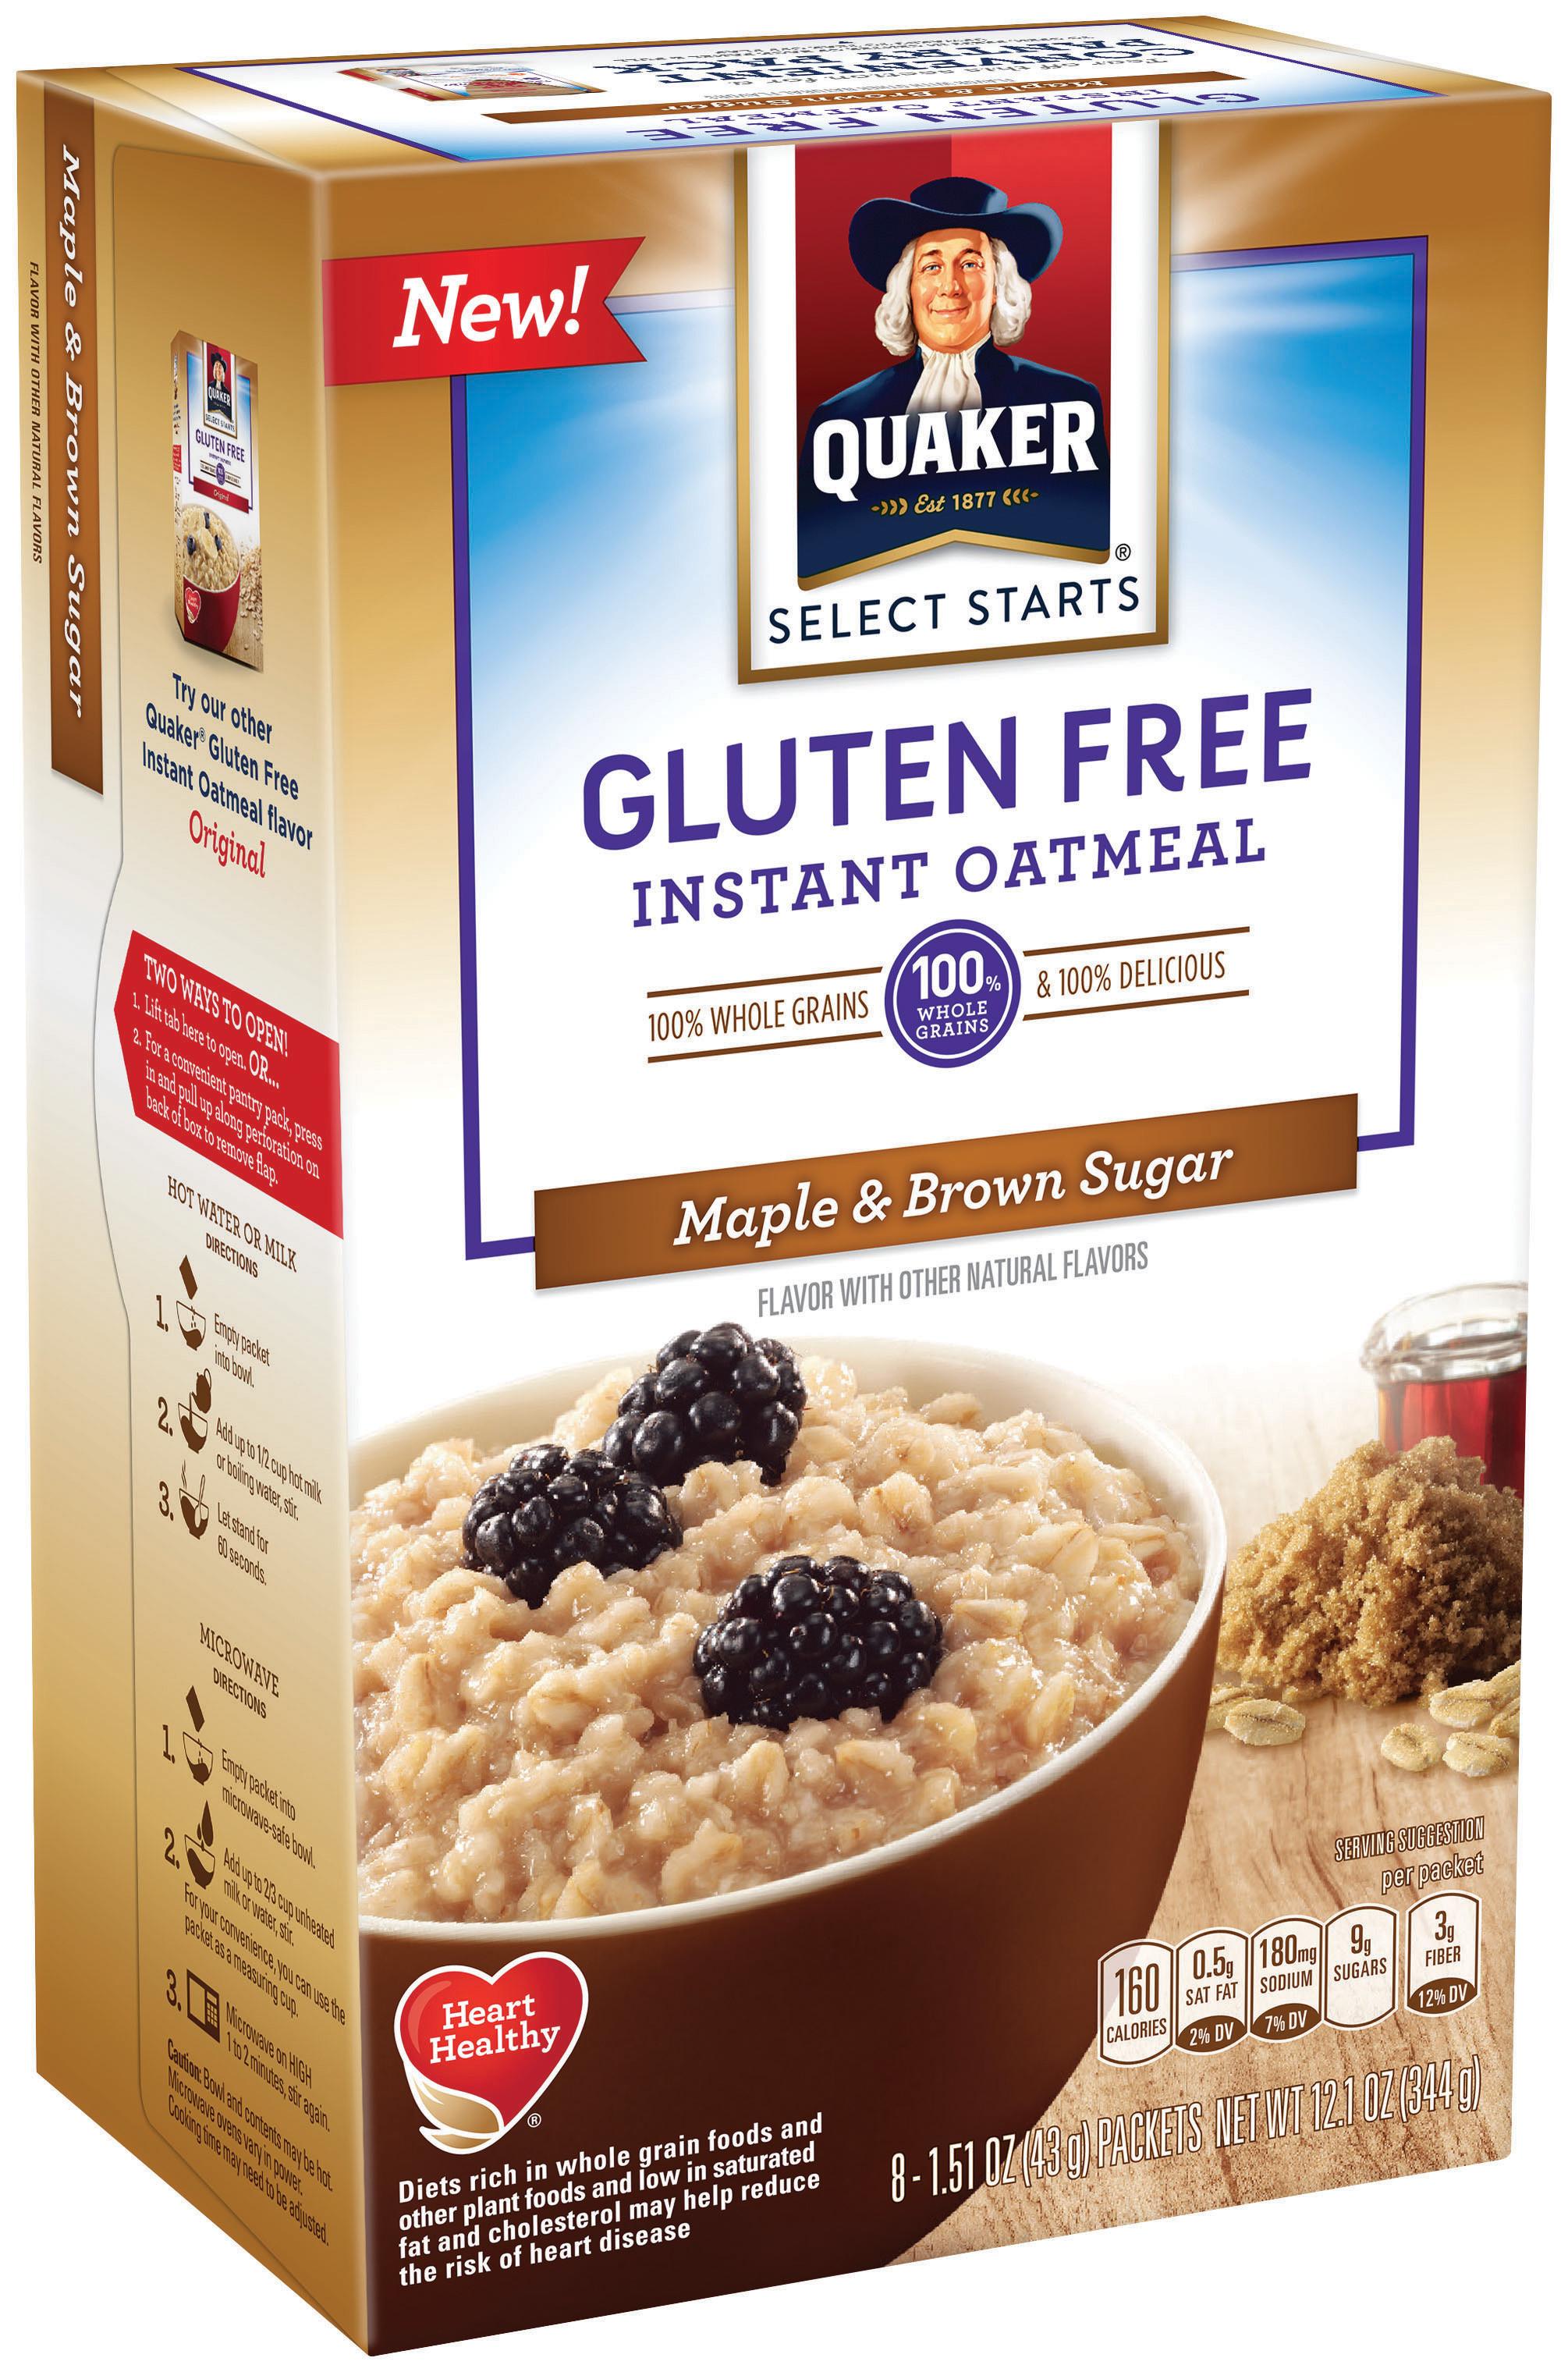 Quaker Oats Gluten Free Oatmeal  Holy Gruel Quaker's New Gluten Free Oats